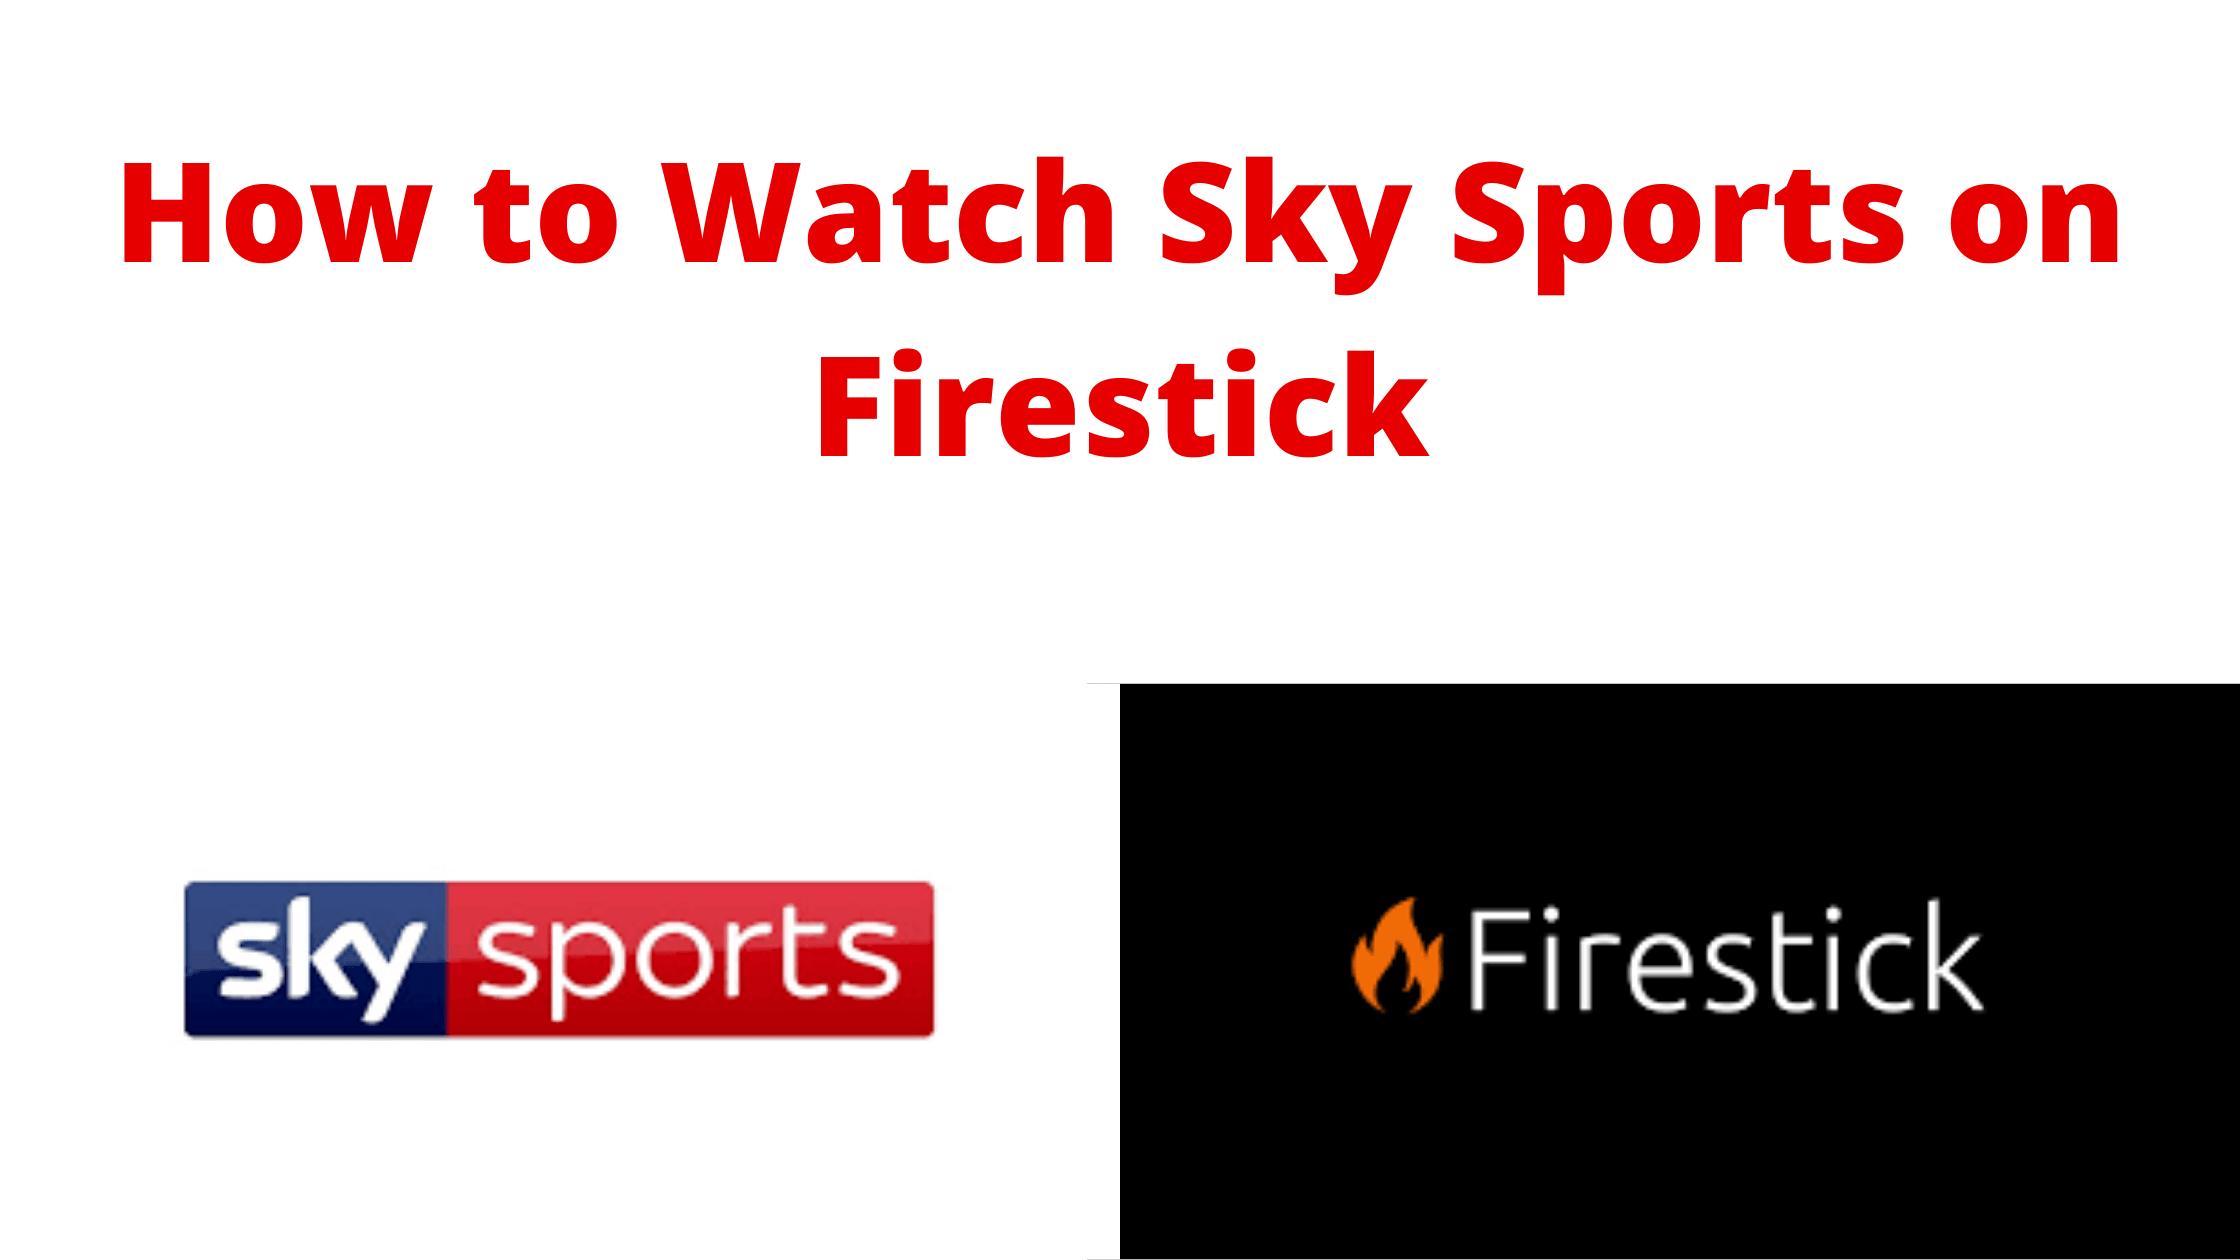 sky sports on firestick